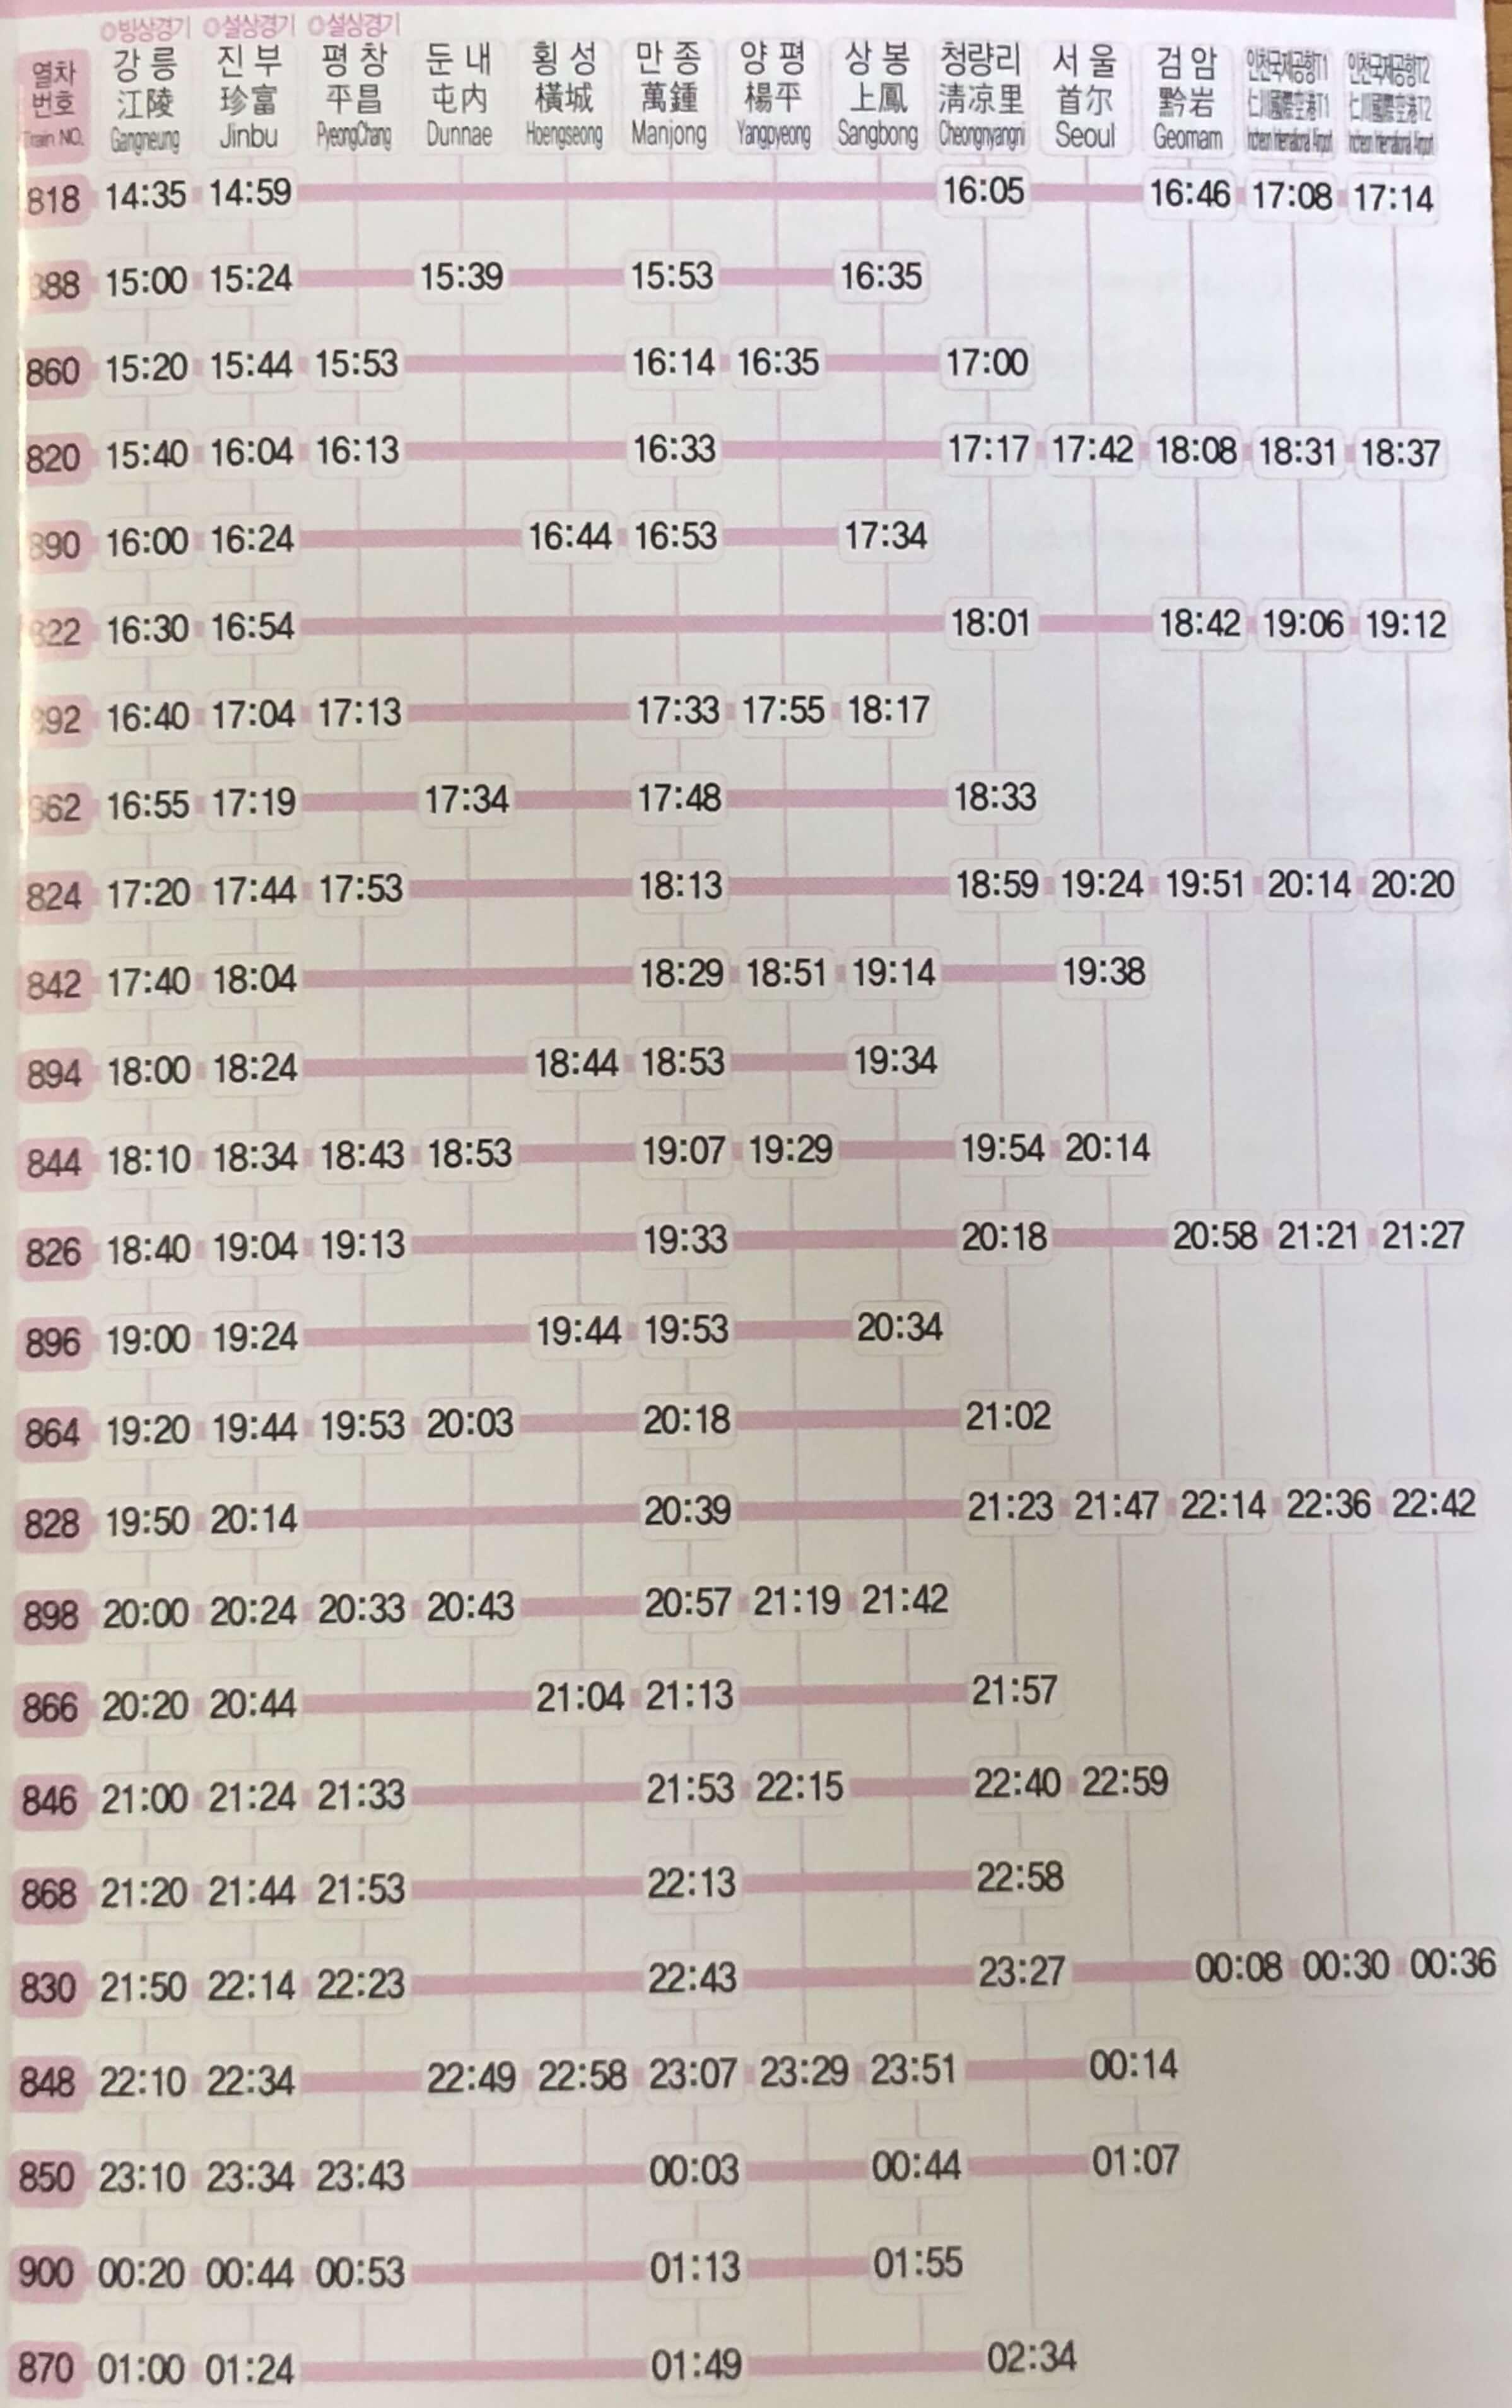 江陵(カンヌン)からソウルのKTXの時刻表の時刻表(2月10日~2月24日)2